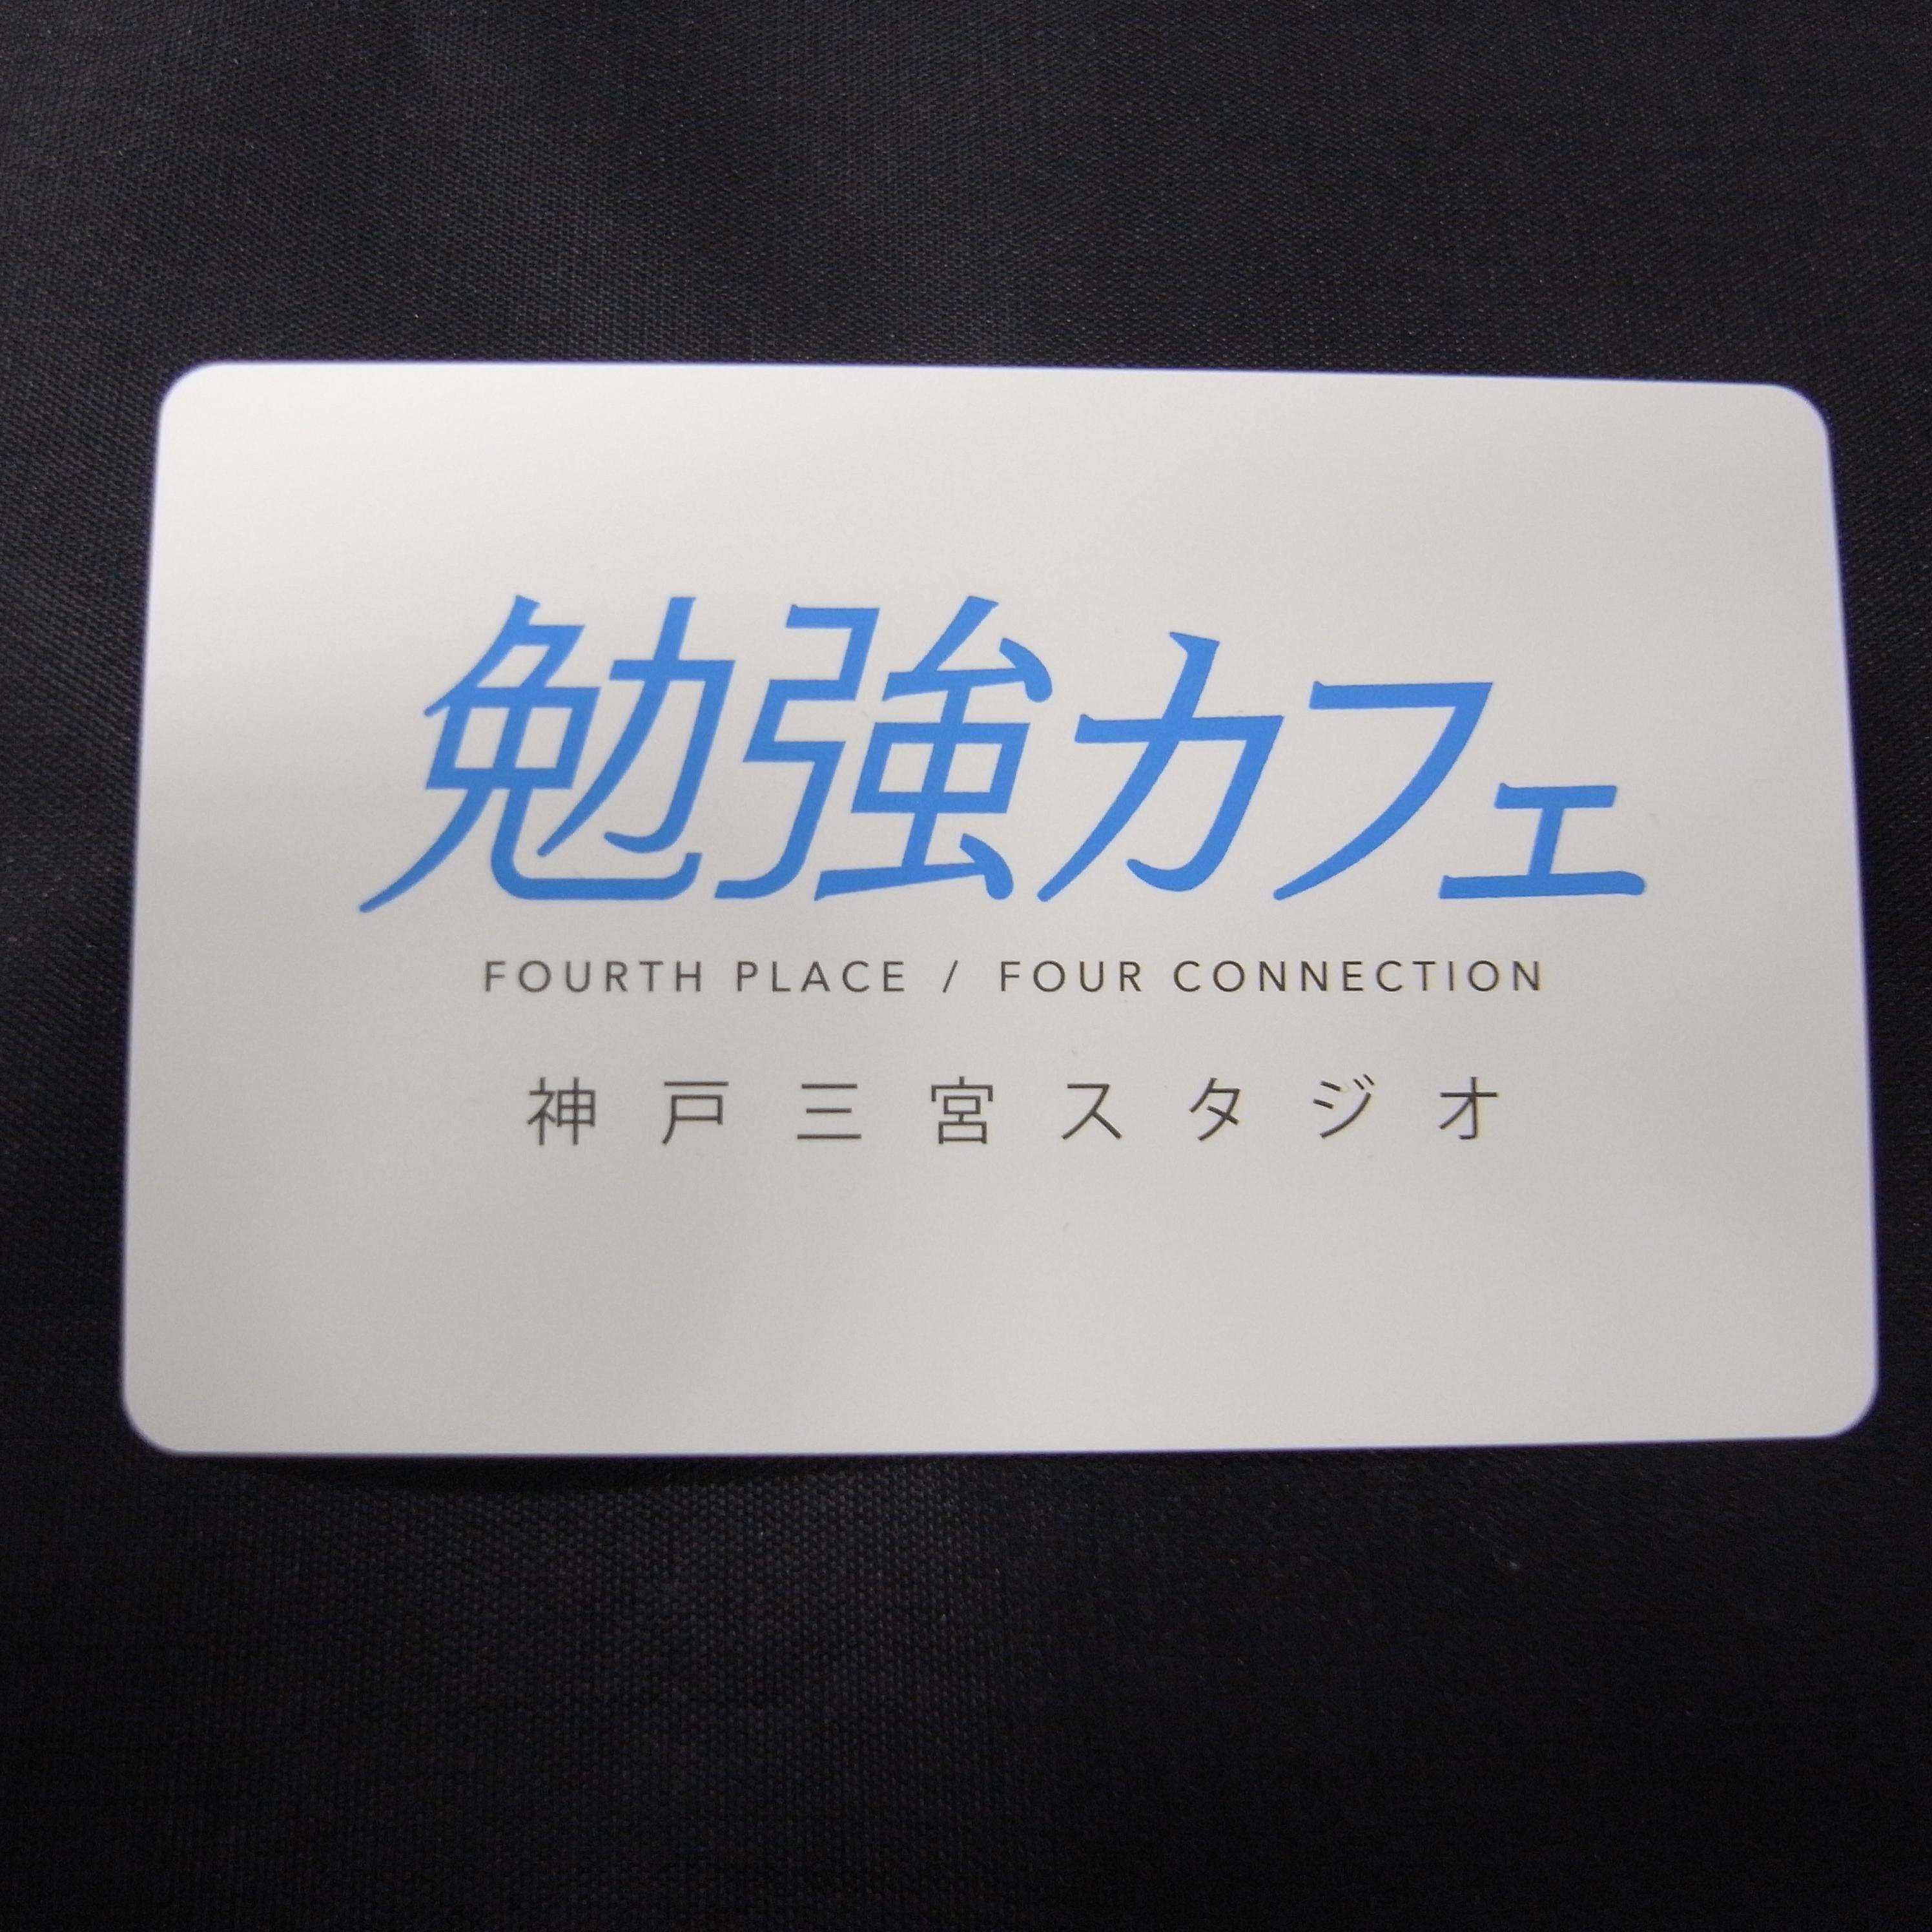 勉強カフェ神戸三宮スタジオ 会員カード